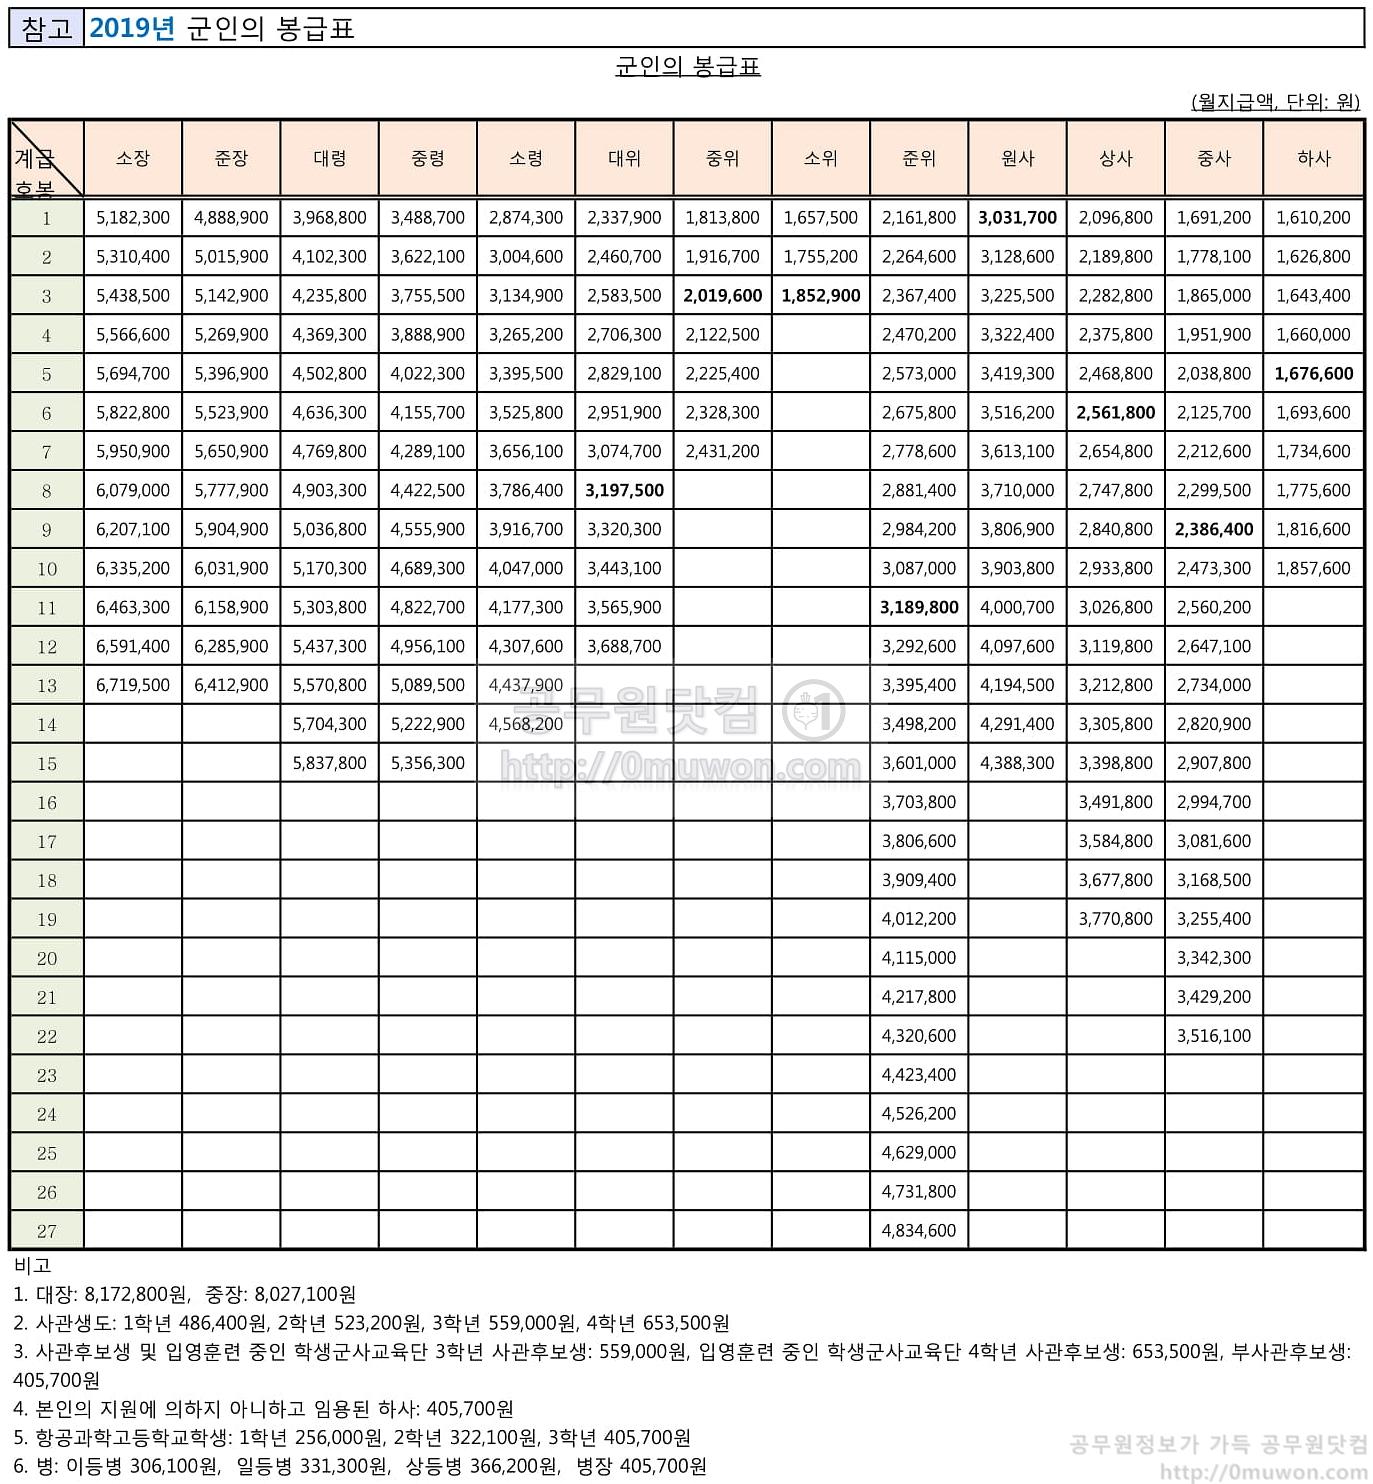 2019년 하사, 중사 등 군인의 봉급표